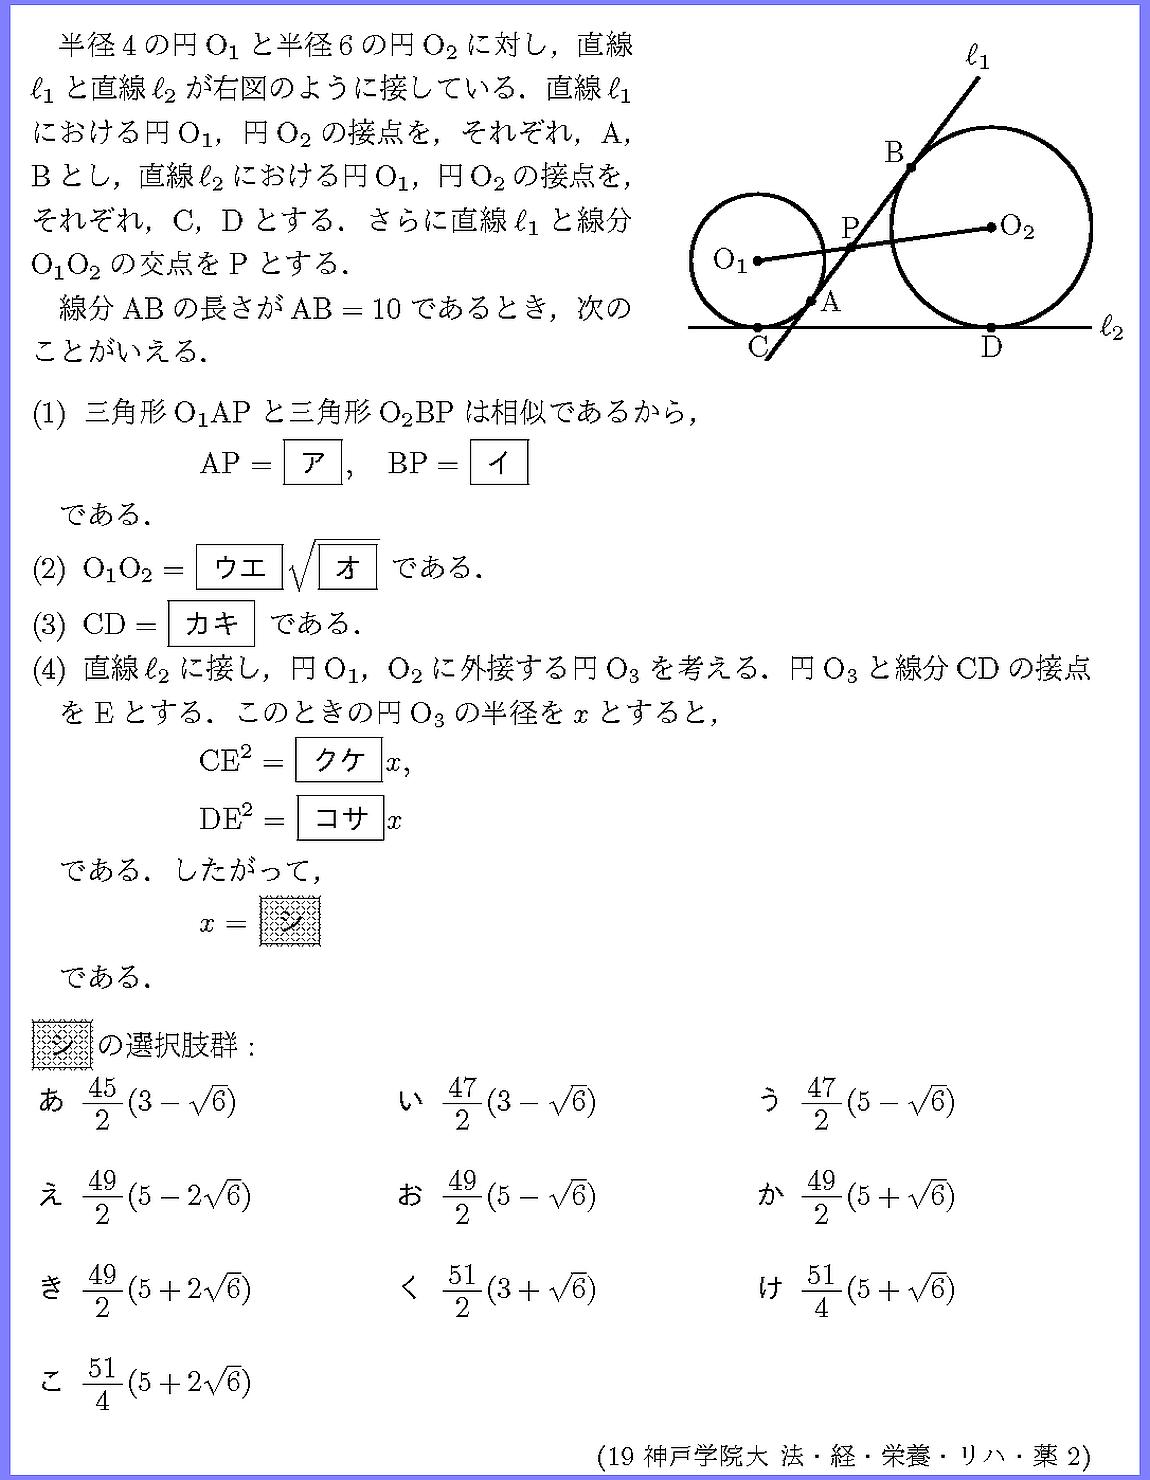 19神戸学院大・法・経・栄養・リハ・薬2